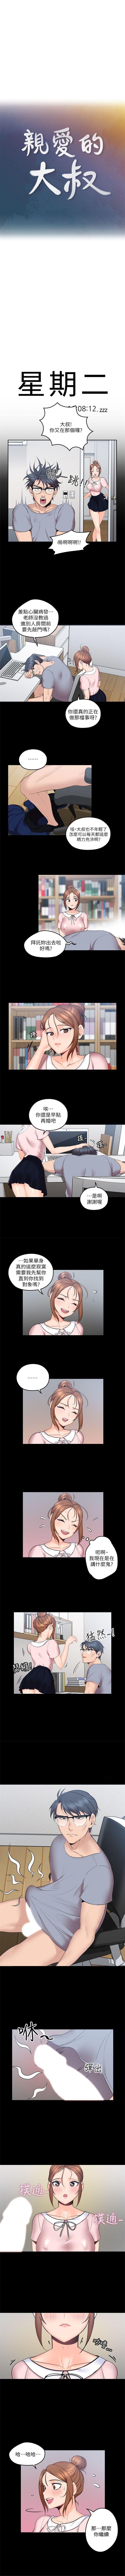 (週4)親愛的大叔 1-39 中文翻譯(更新中) 14